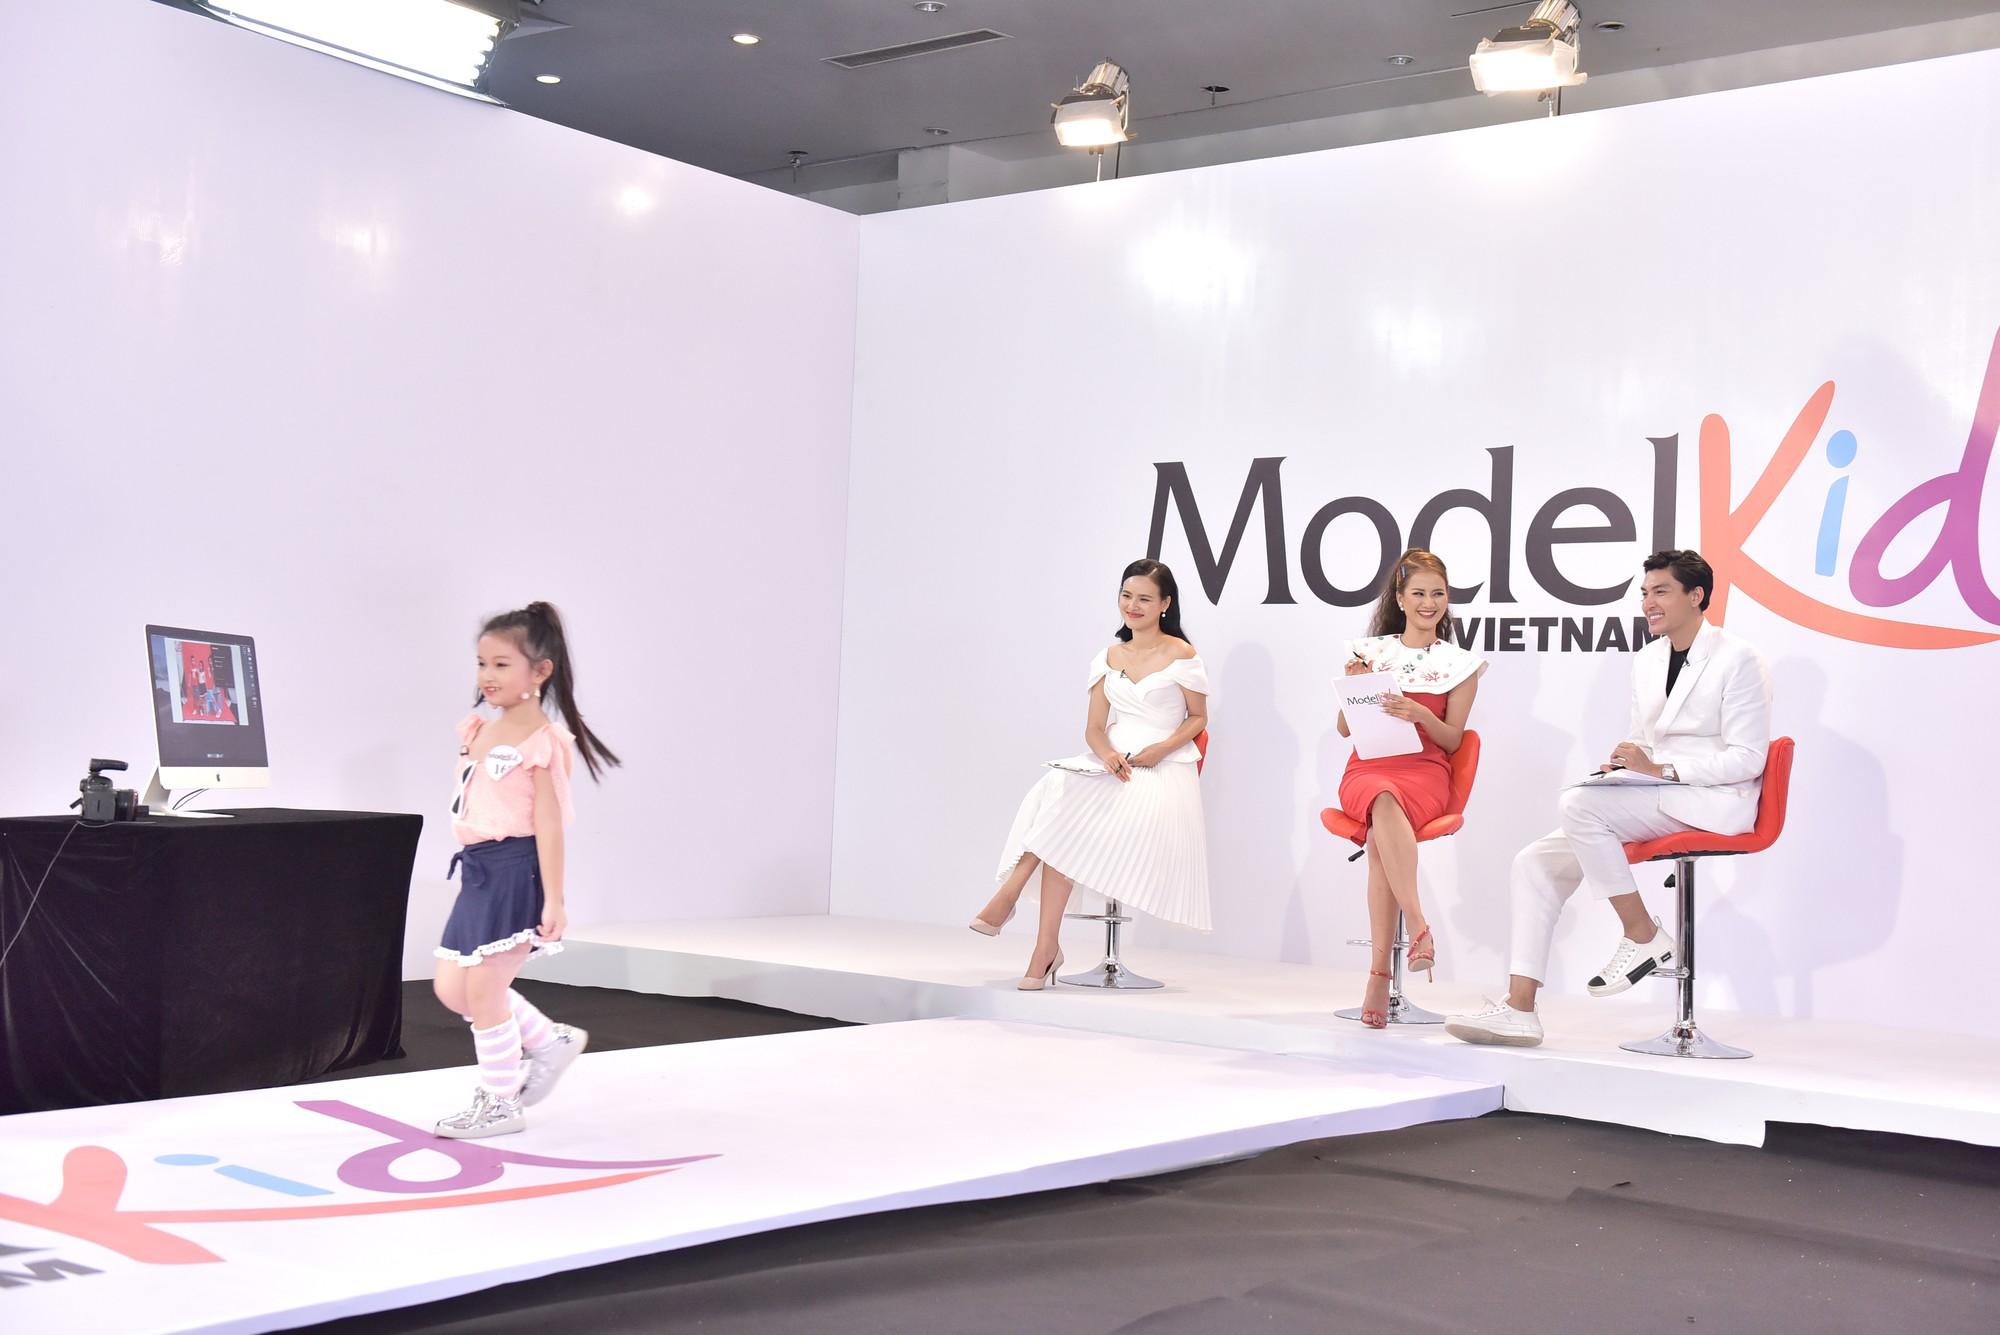 Những thí sinh nổi bật tại vòng sơ tuyển Model Kid Vietnam 2019 - Ảnh 8.